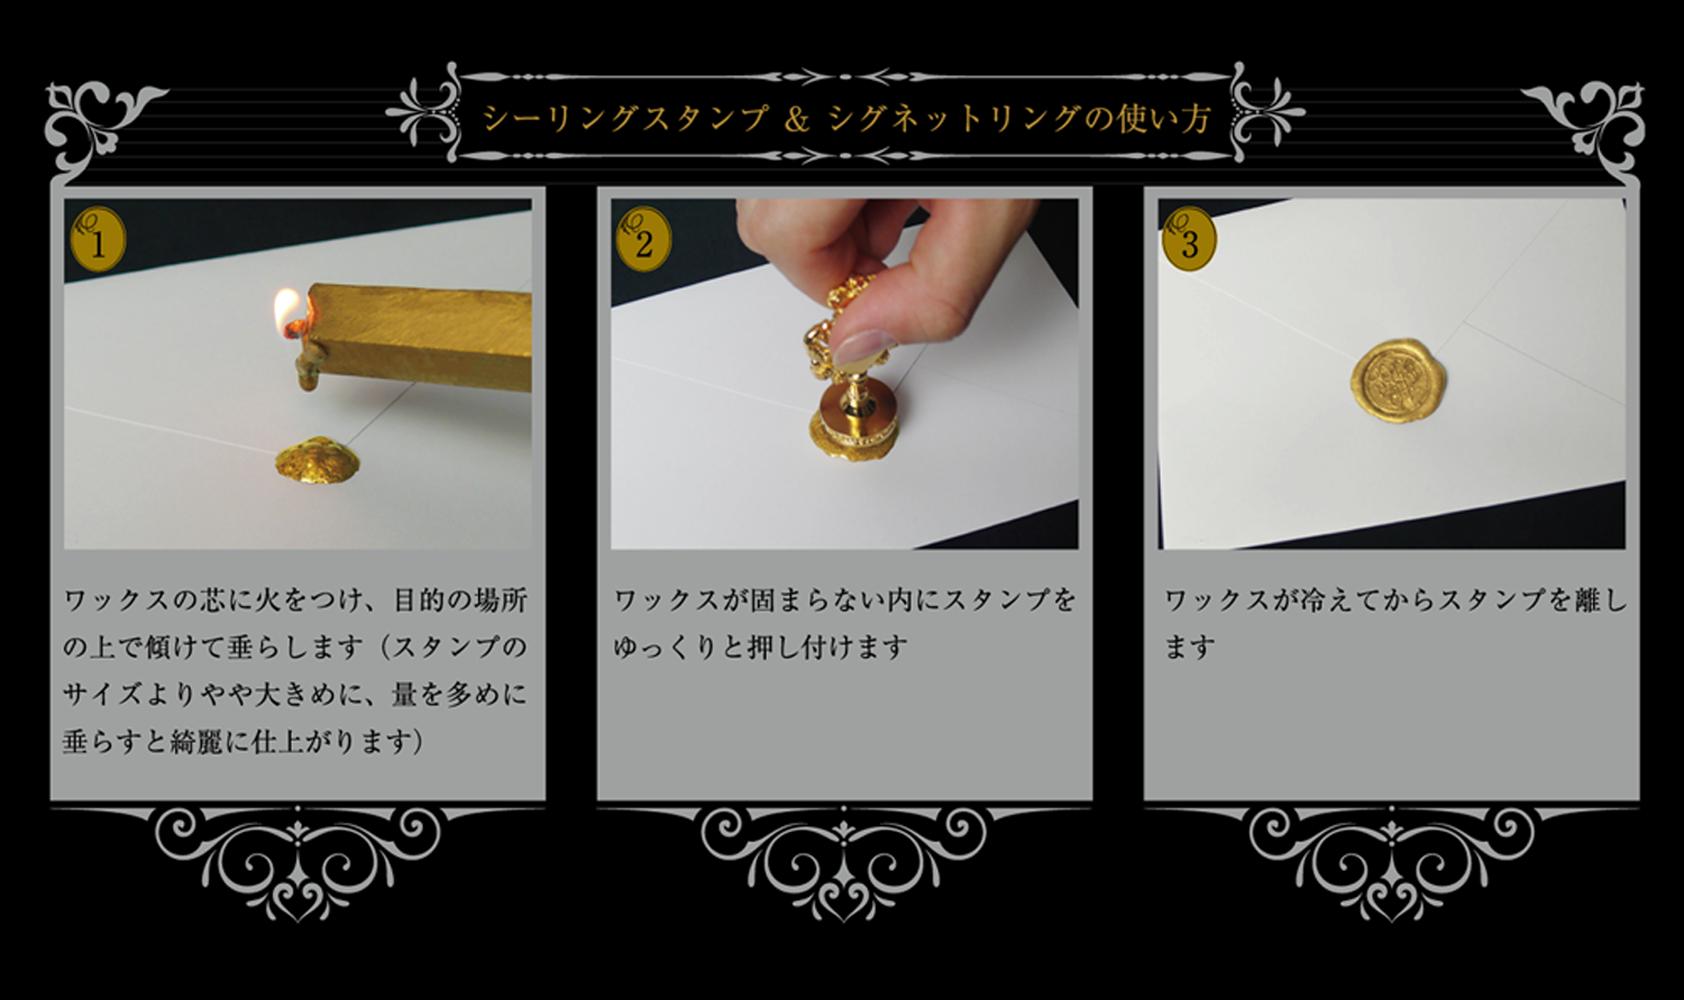 Sealing_stamp8.jpg